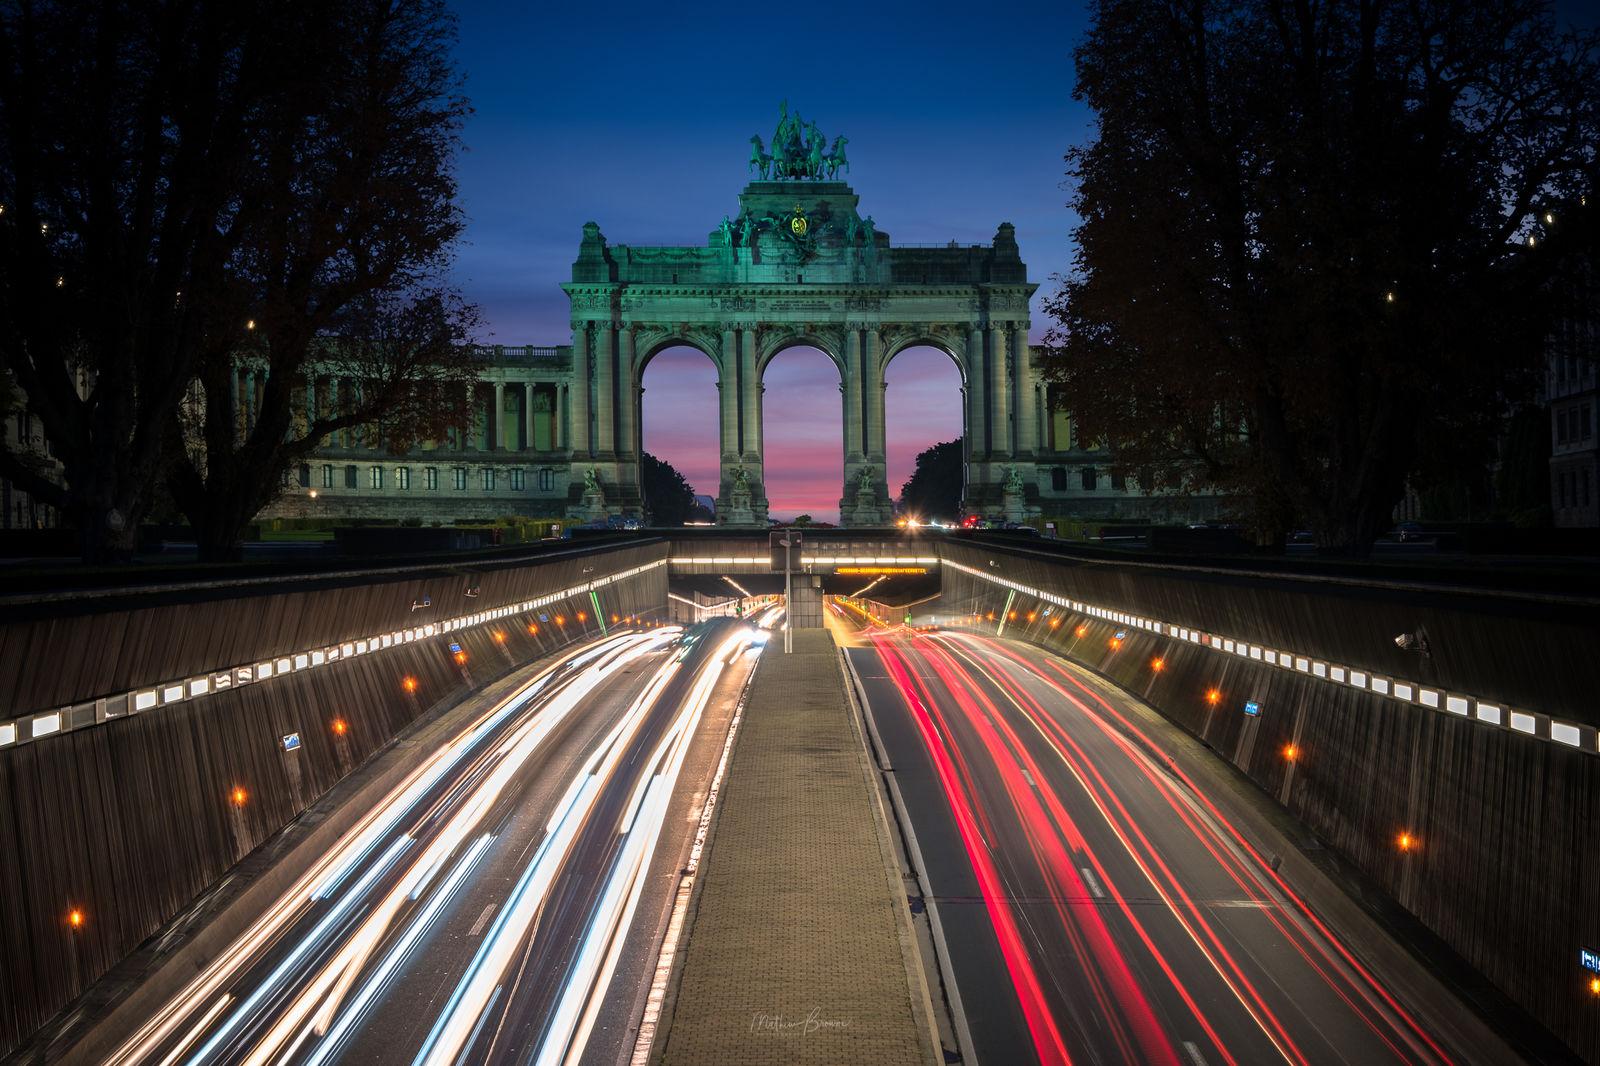 Cinquantenaire / Jubelpark - Brussels, Belgium